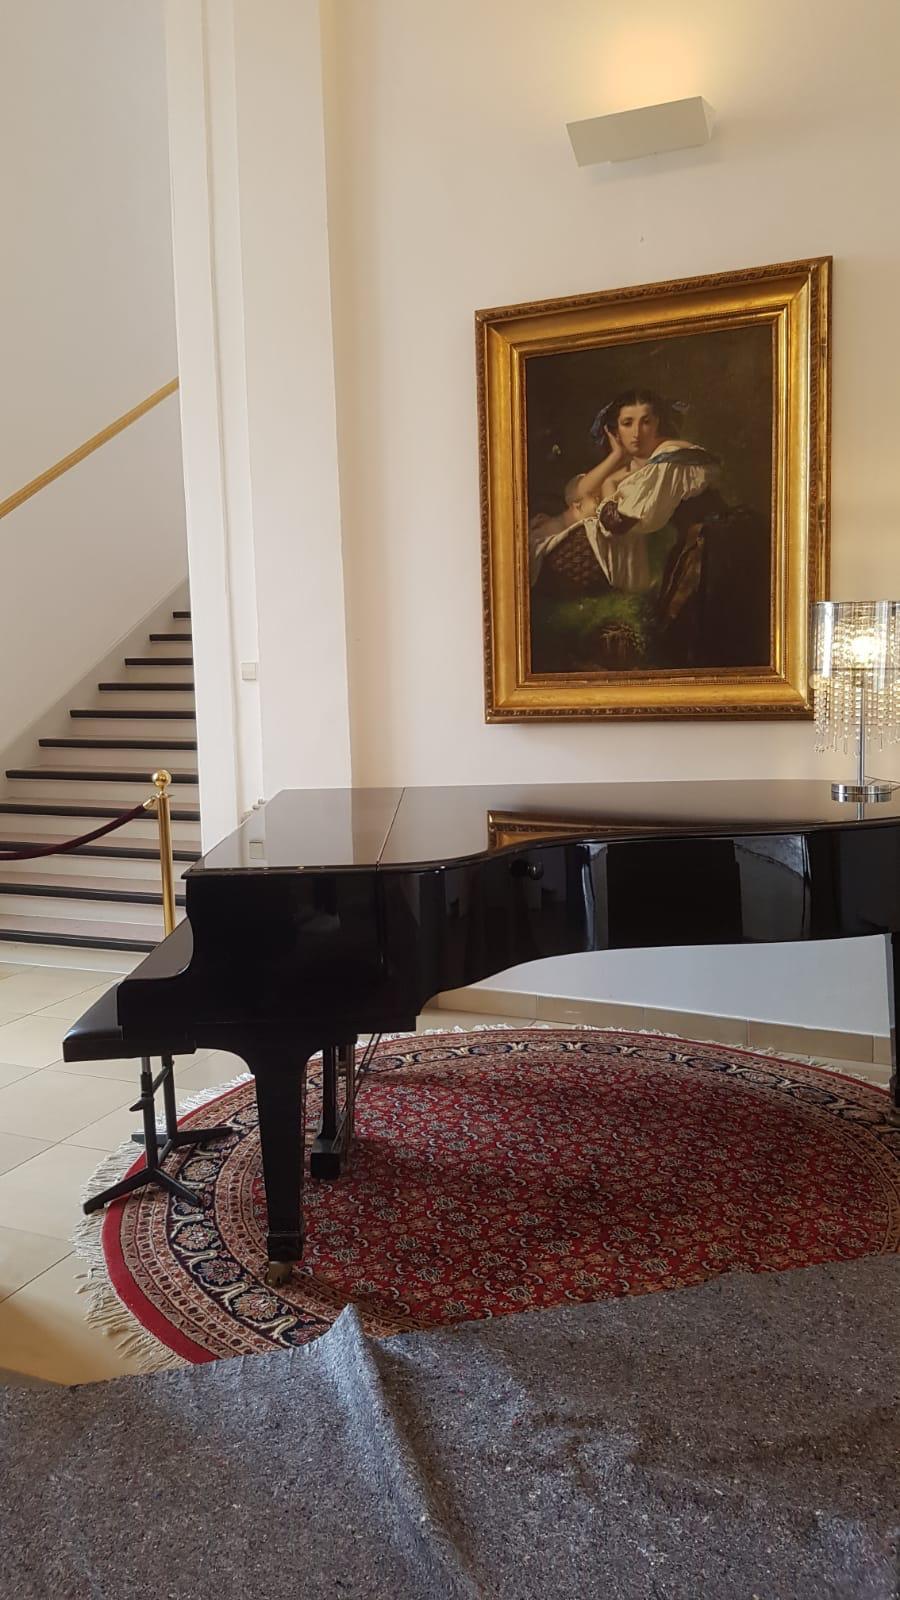 Vor der Abendfeier noch eine Trauung auf dem wunderschönen Flügel im Schloss Freudental gespielt